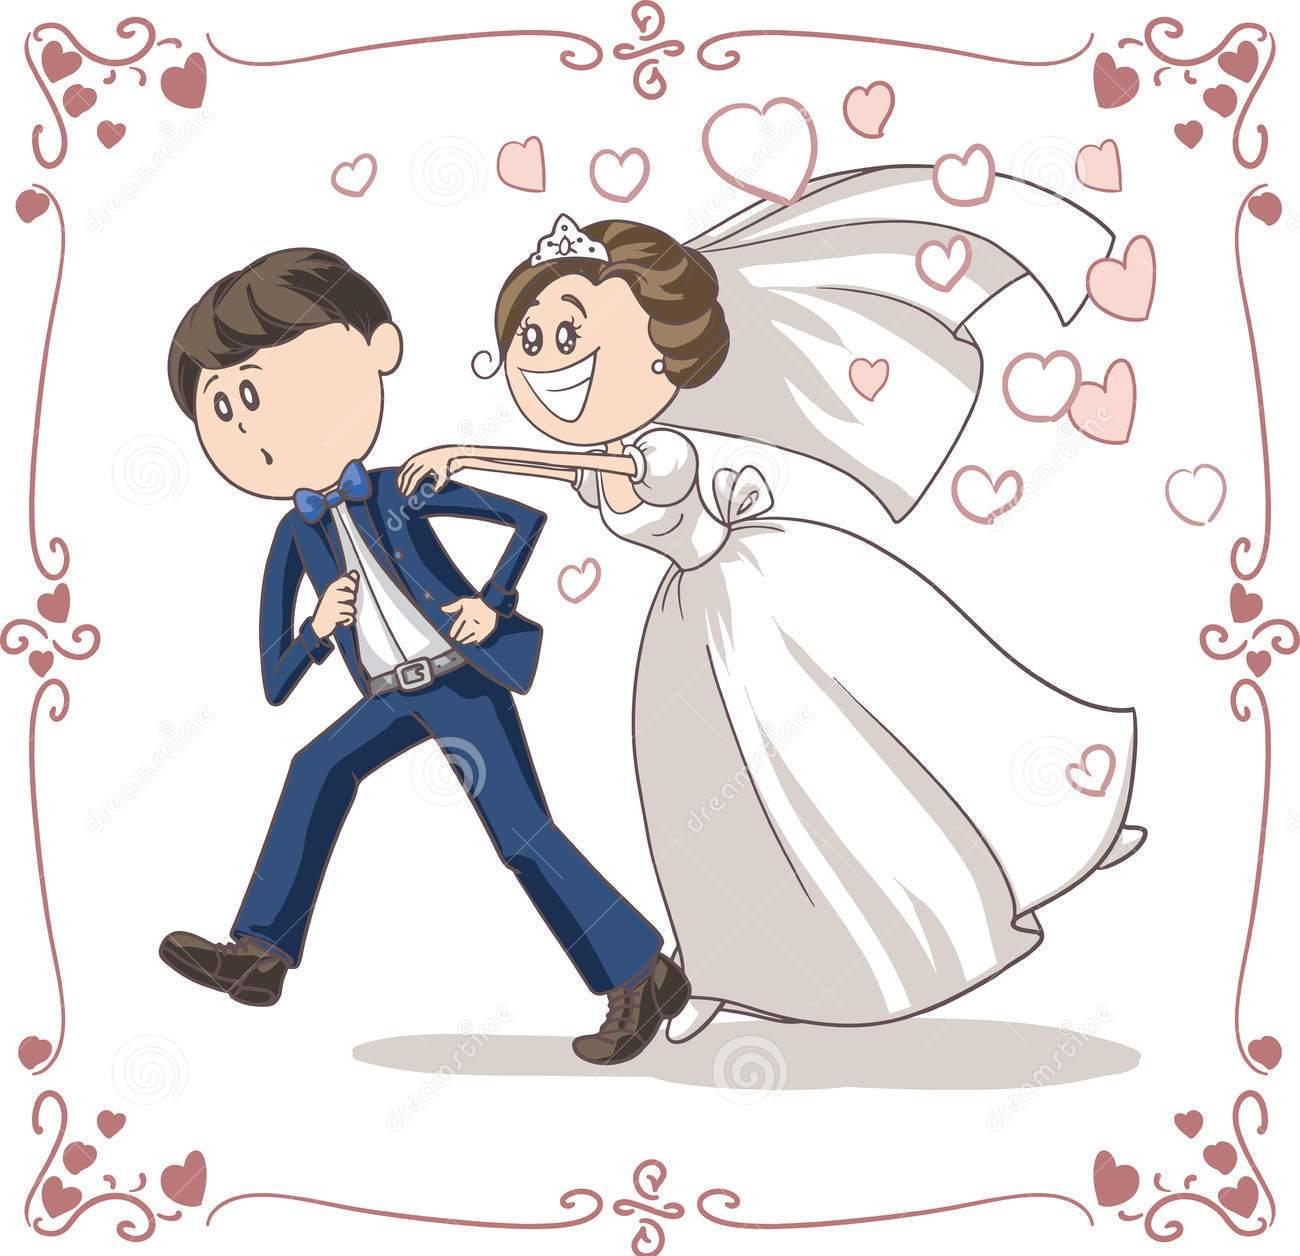 20 lý do 'buộc' chàng kết hôn - Marry